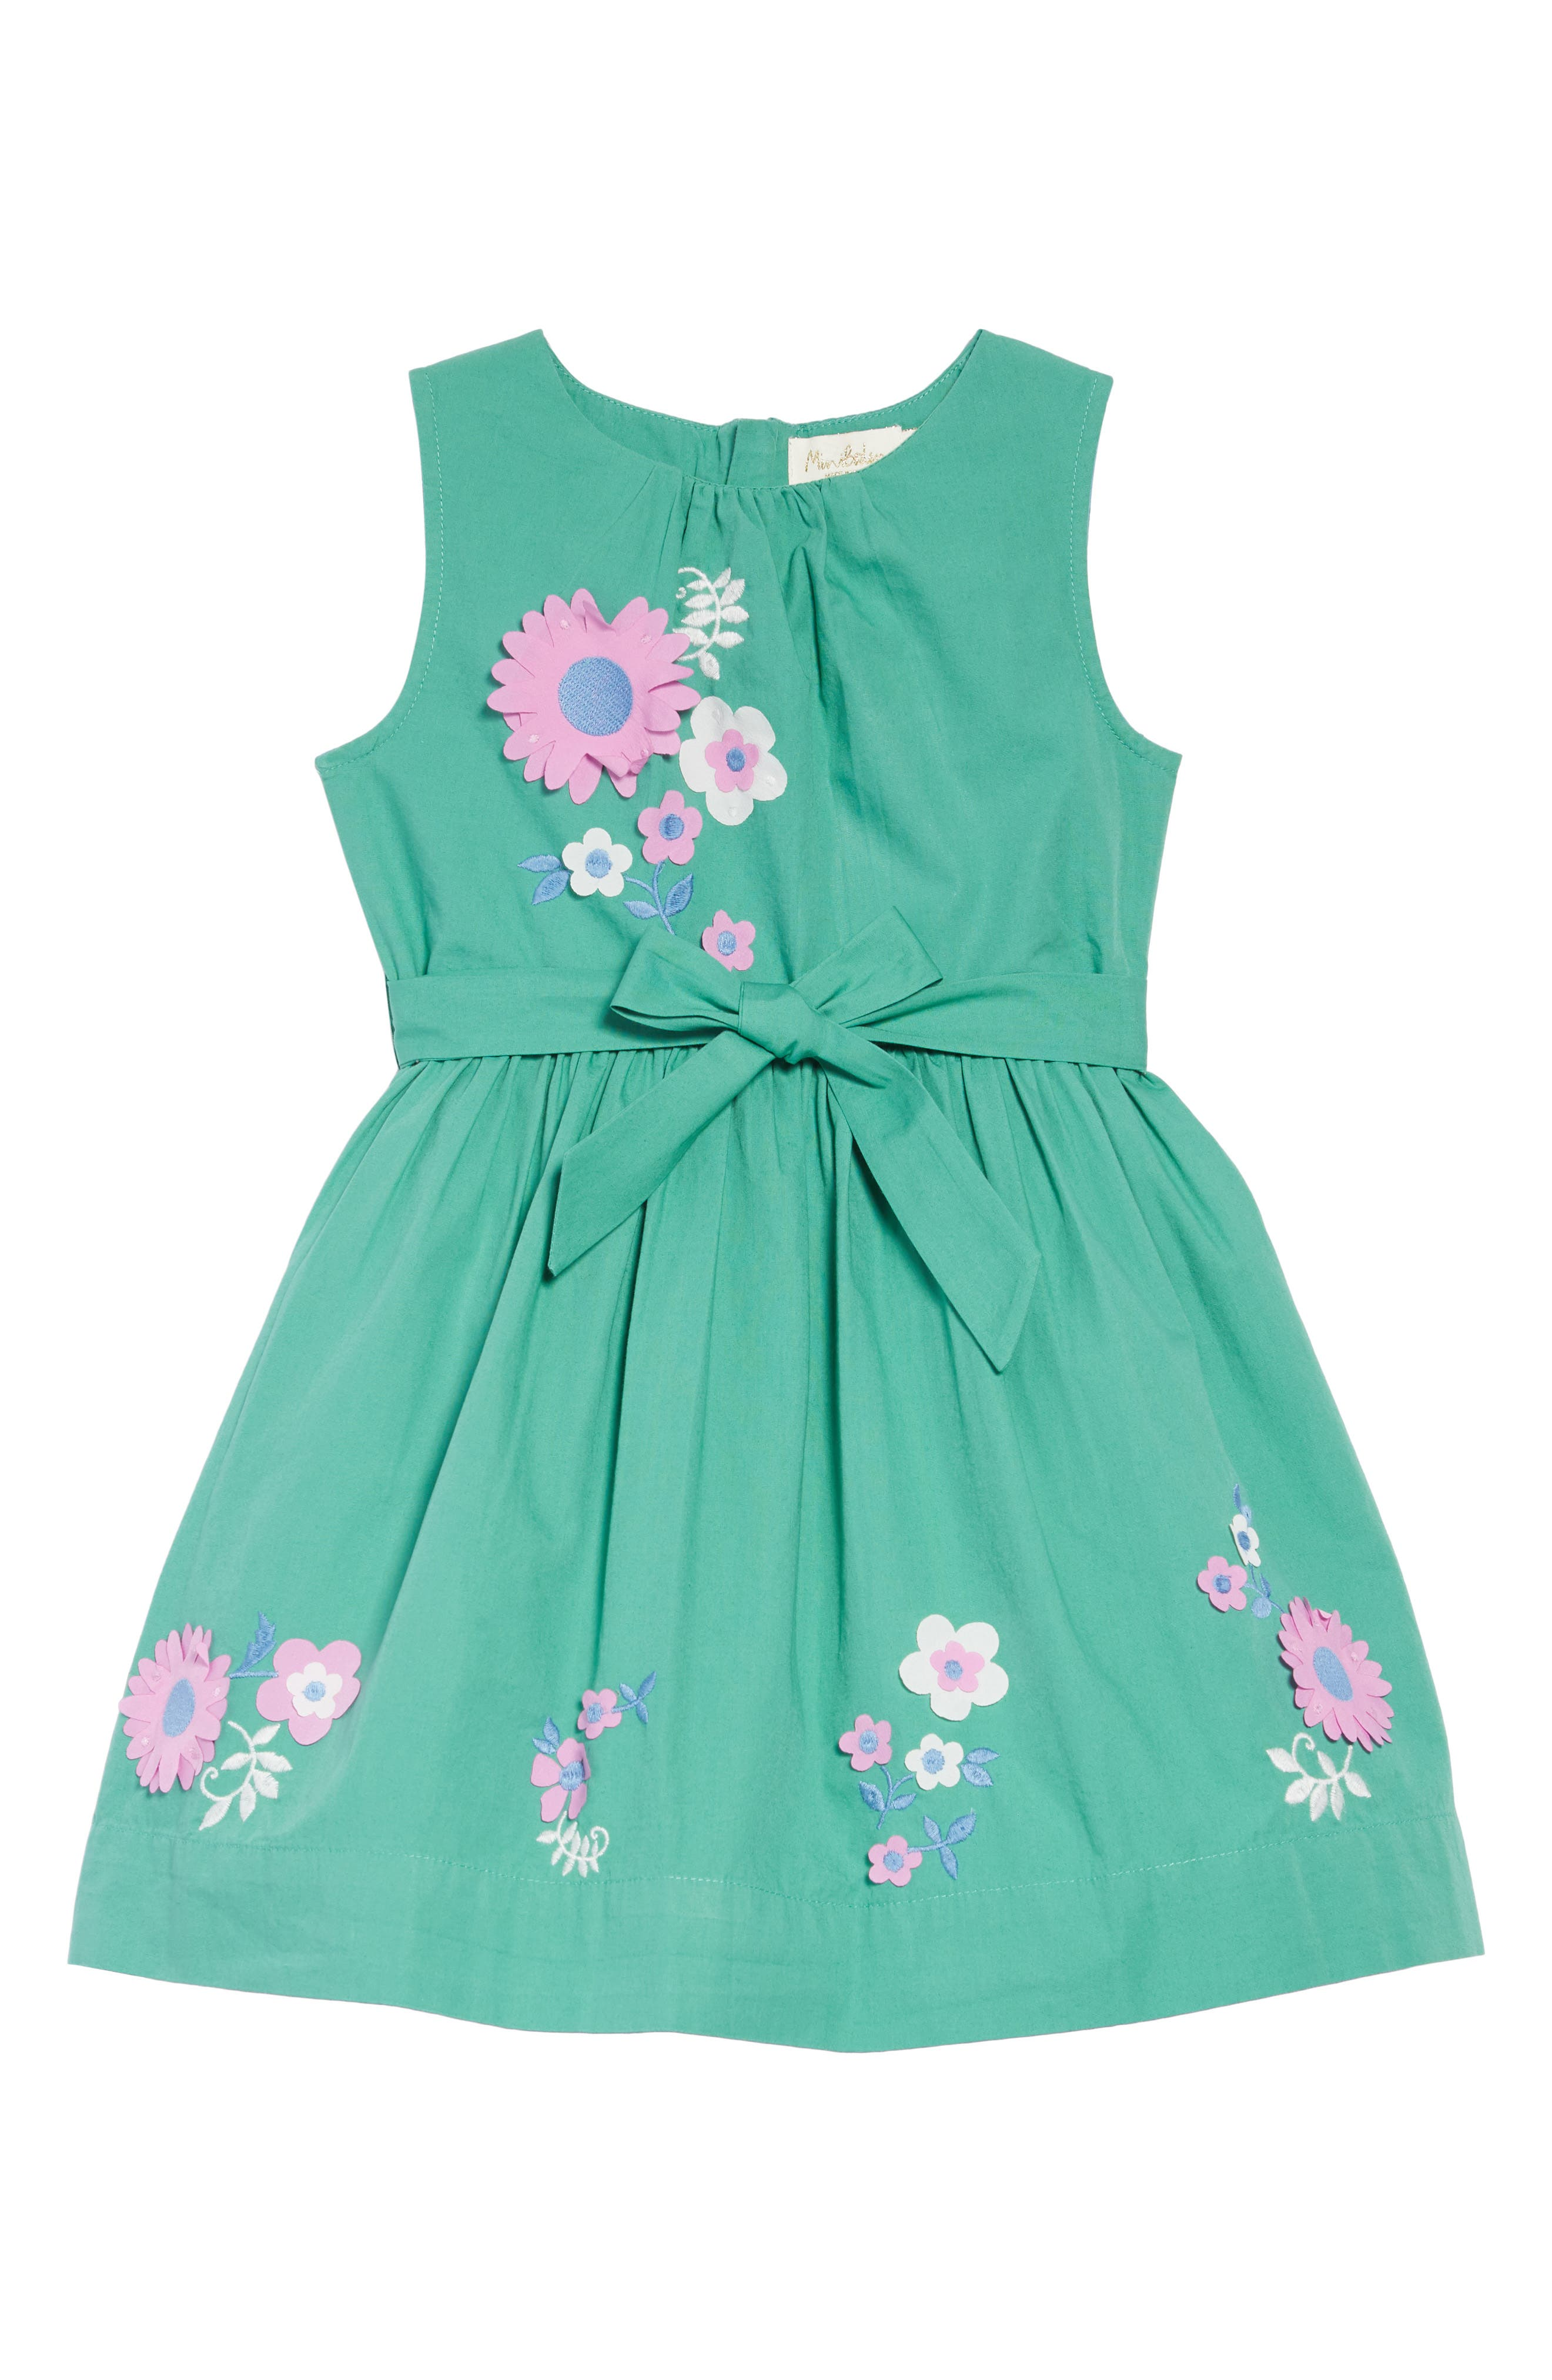 34e2322d9795 Mini Boden Kids  Clothing